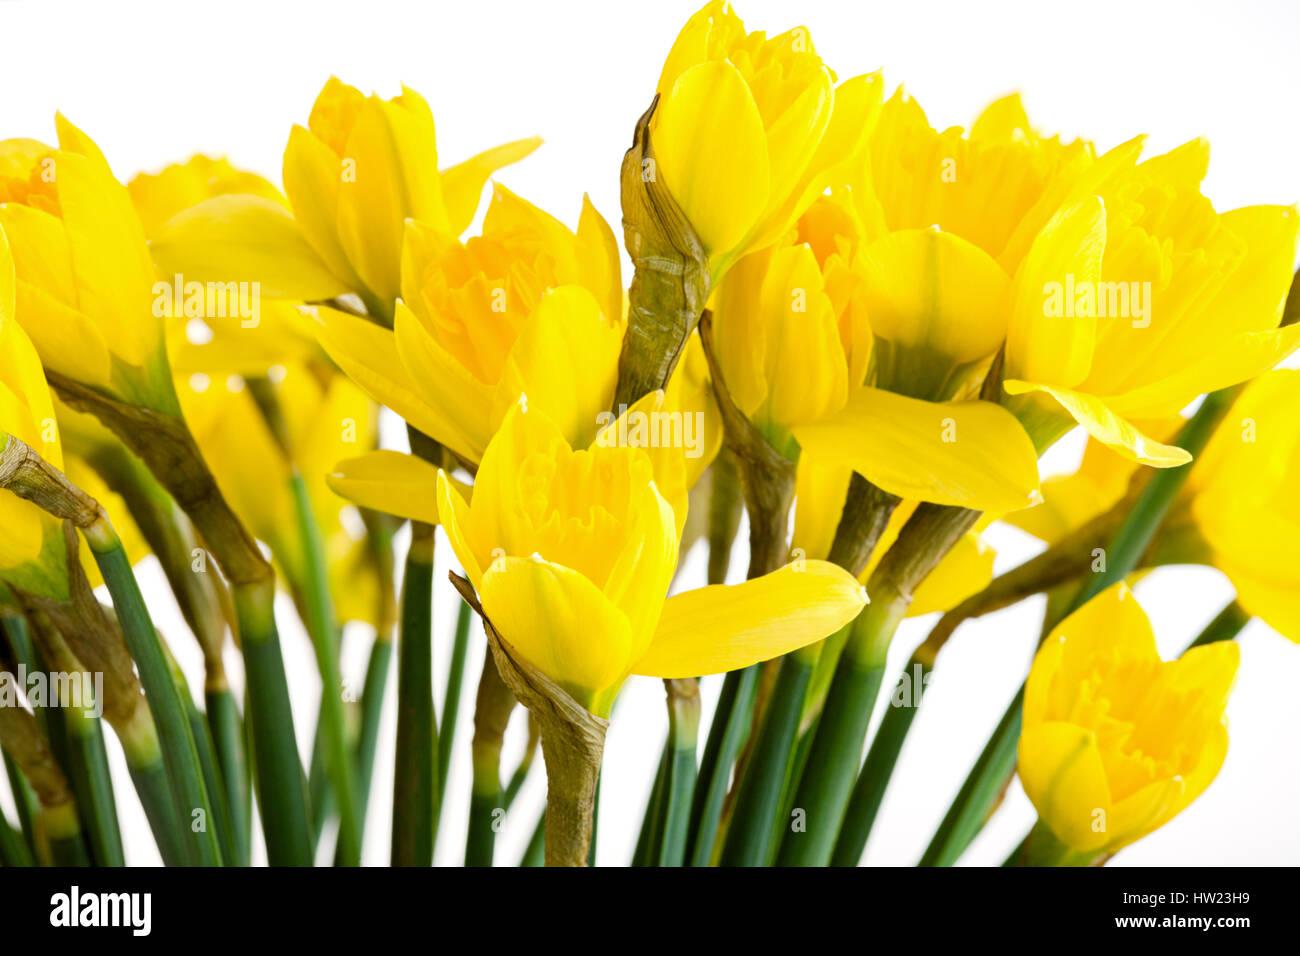 Frühling Blumen Rahmen, schöne frische Narzissen Blumen, isoliert ...